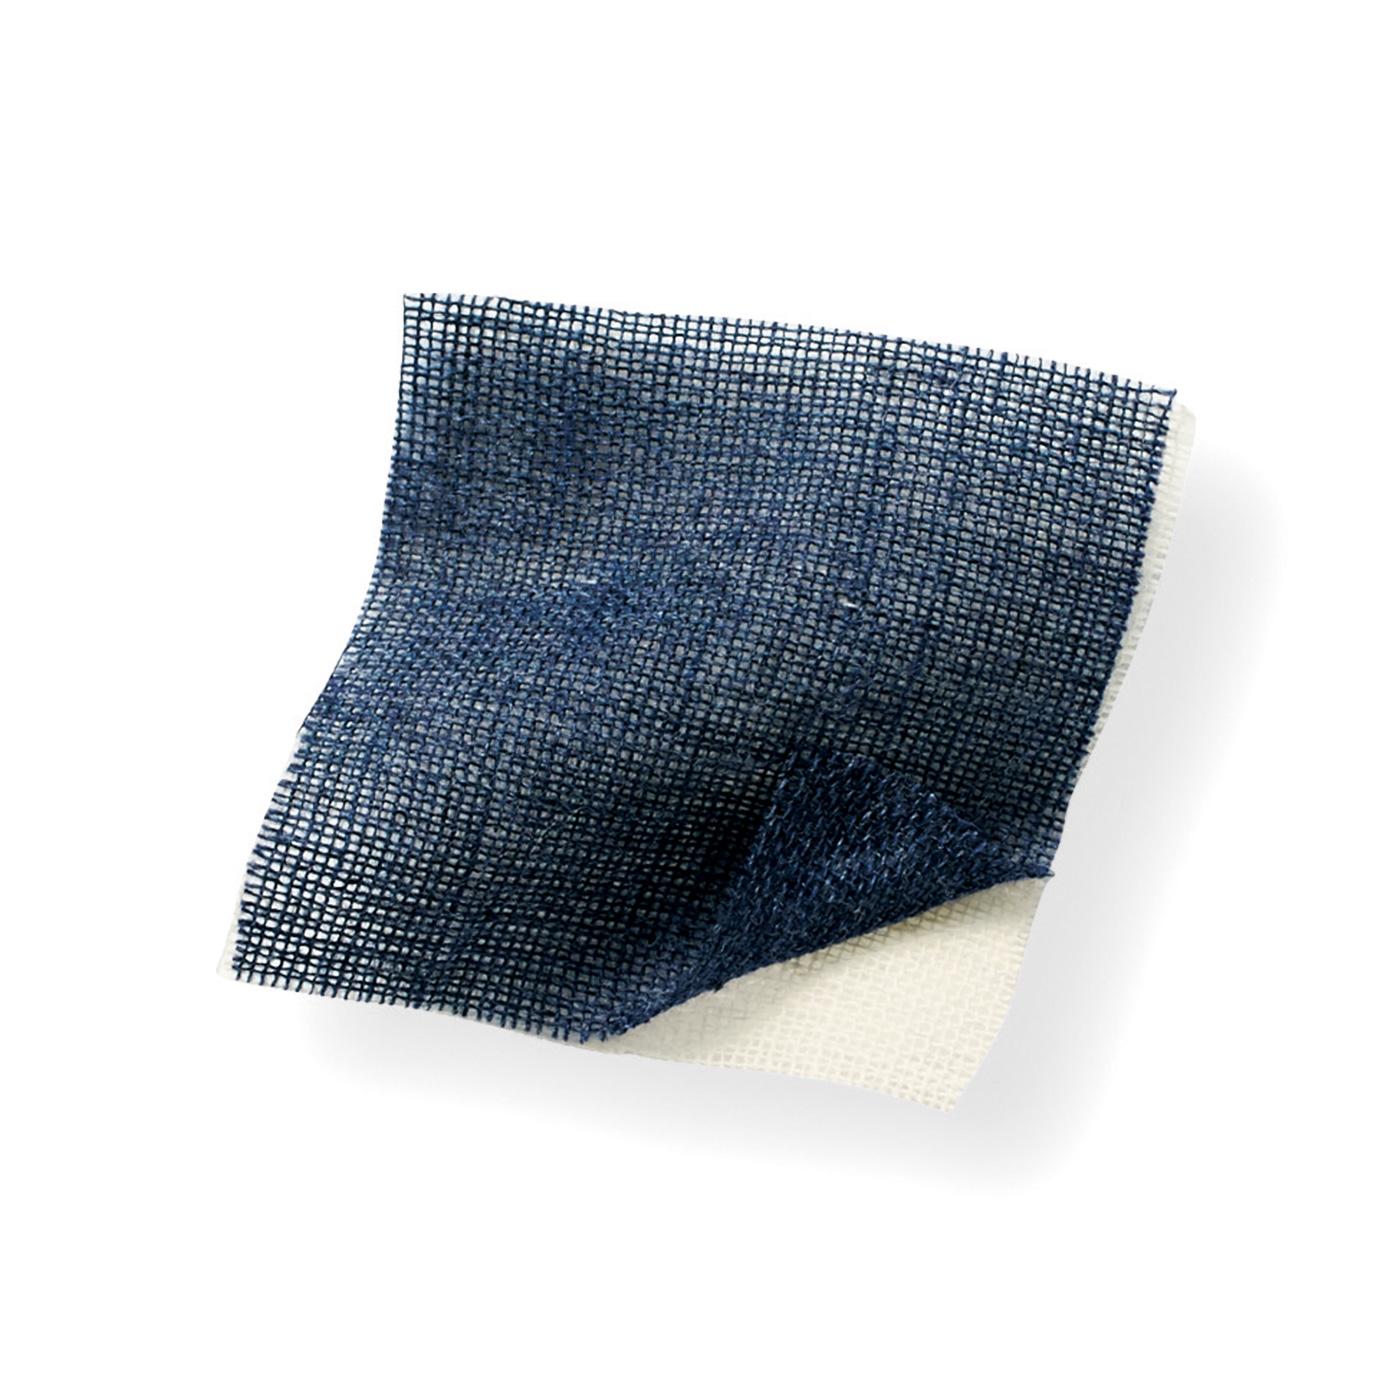 綿100%のダブルガーゼは、一度ふれるとやみつきになるやさしさ。